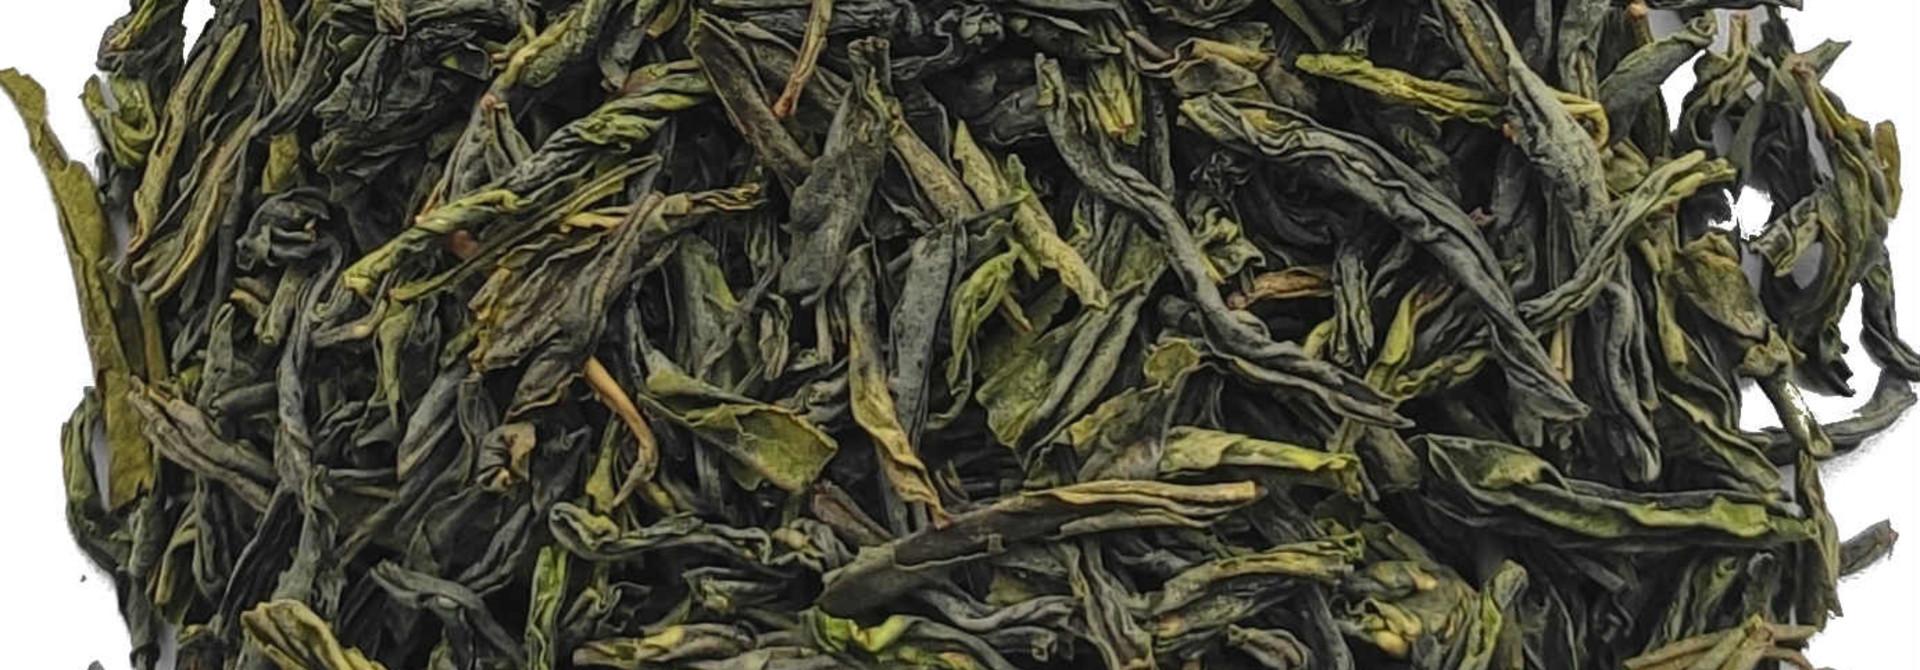 Groene thee Lu An Gua Pian New Flush 2020